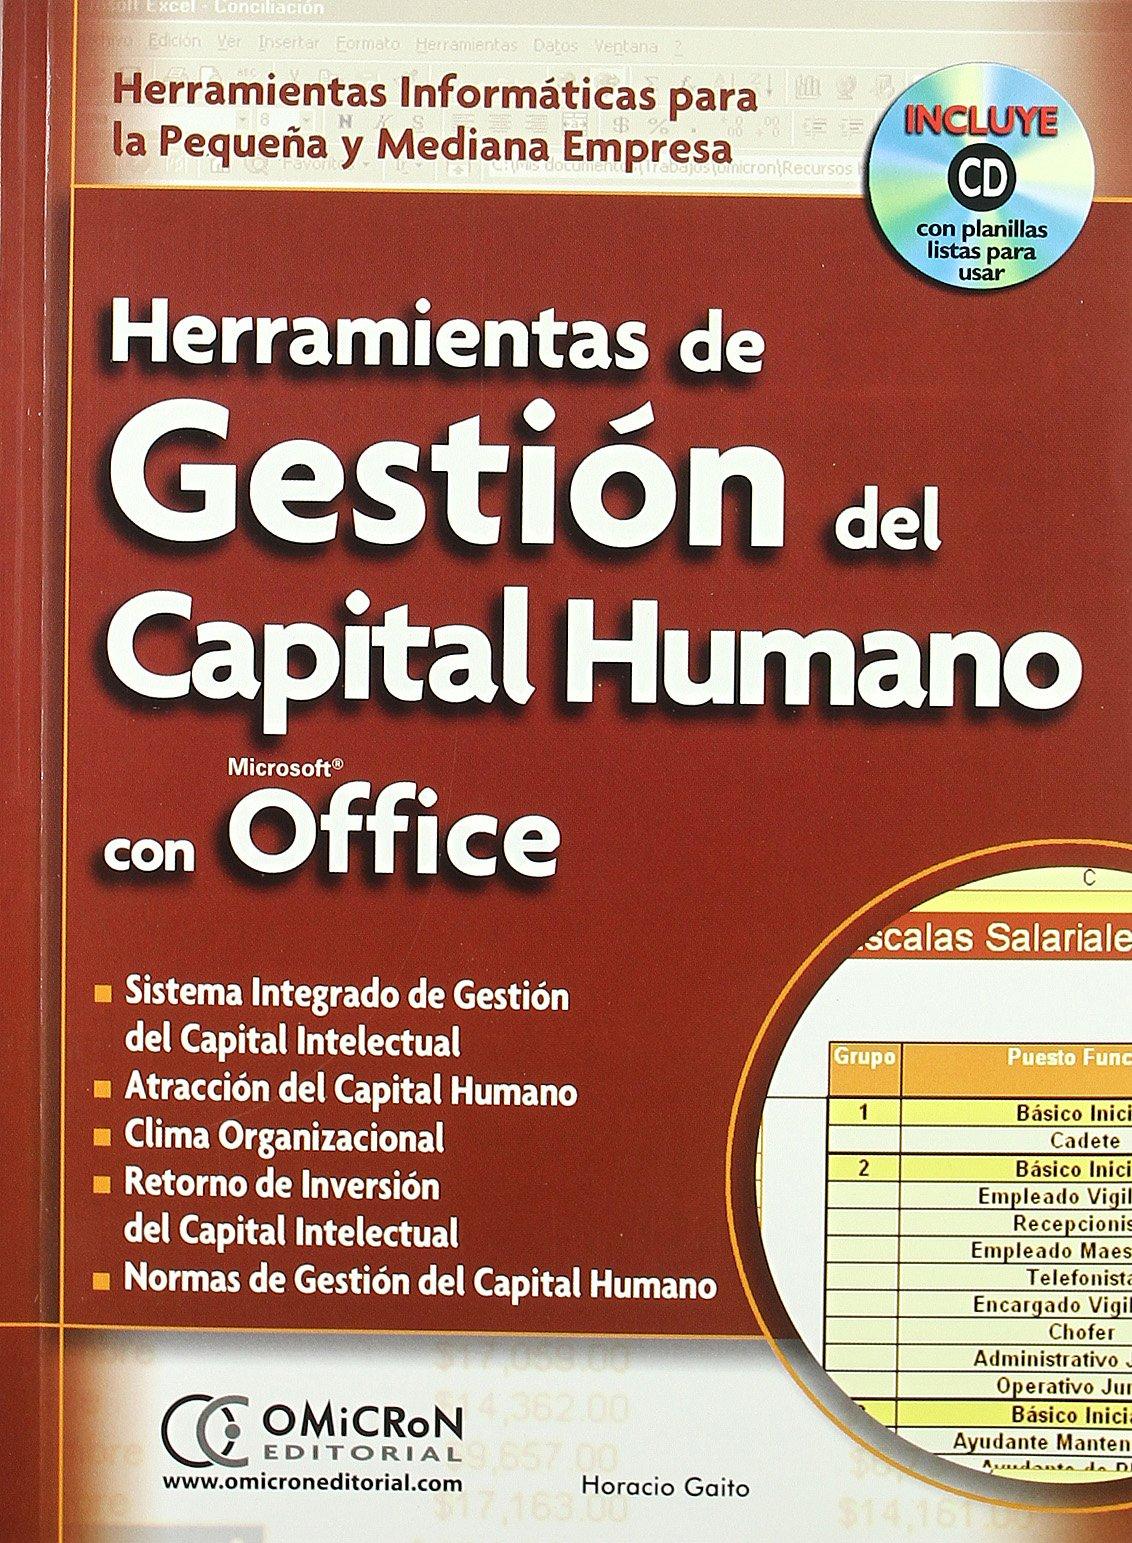 Download Herramientas de Gestion del Capital Humano Con Microsoft Office: Herramientas Informaticas Para la Pequena y Mediana Empresa with CDROM (Spanish Edition) ebook